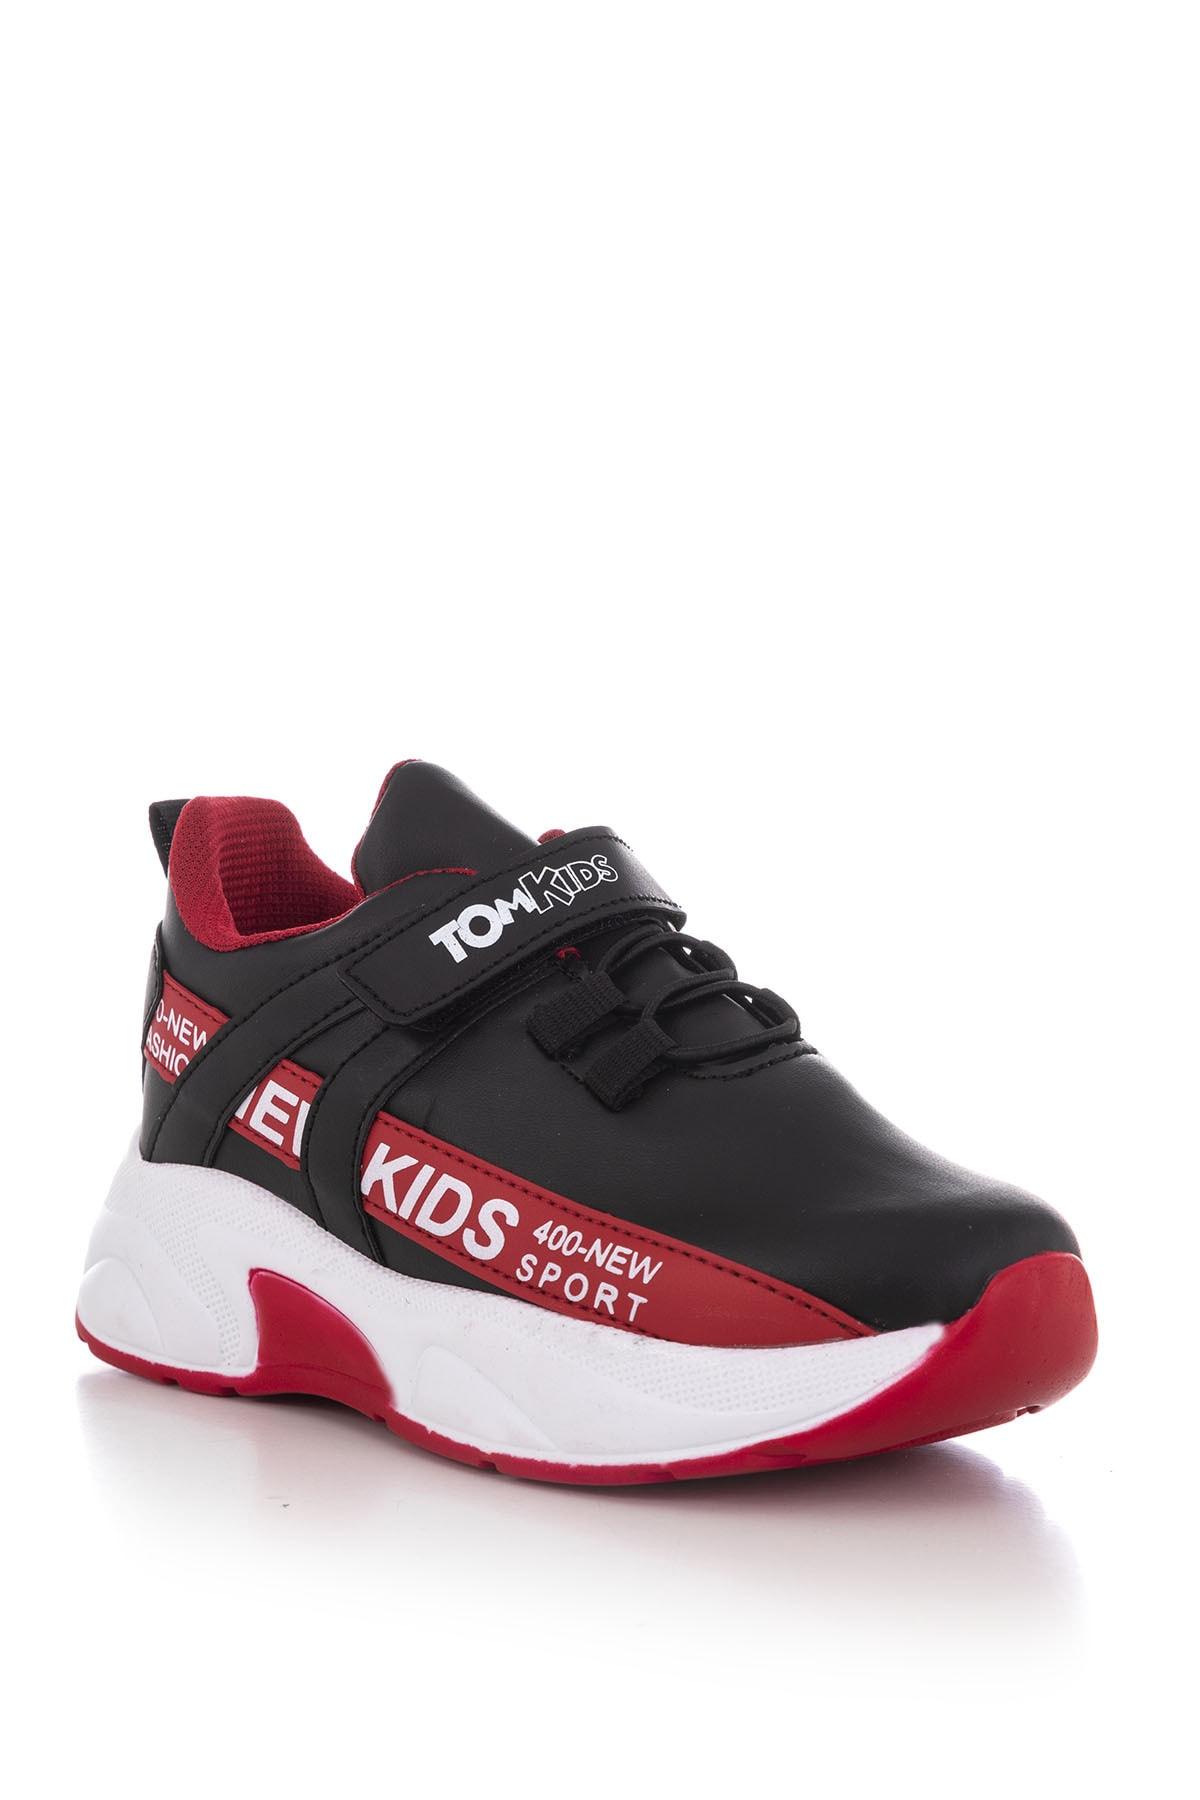 Tonny Black Siyah Kırmızı Çocuk Spor Ayakkabı Dg674 1